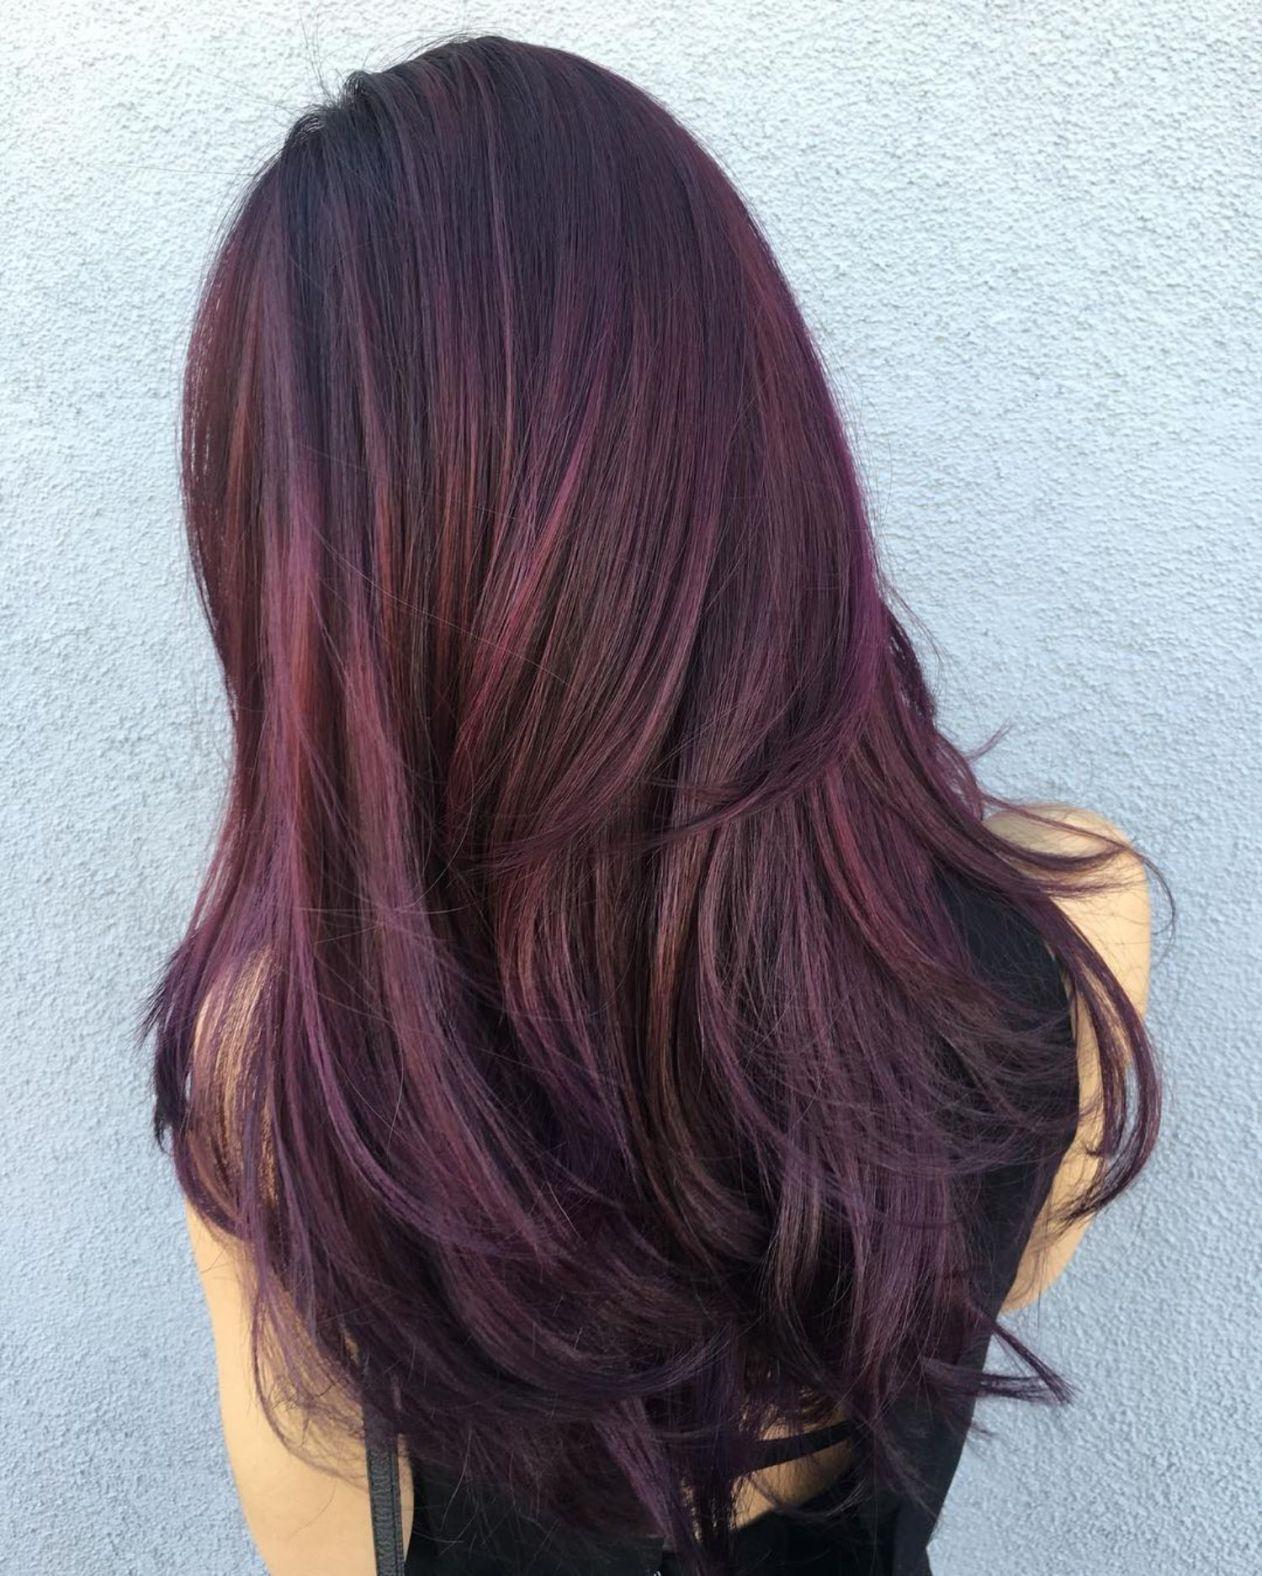 fc4749b0b59a4 45 Shades of Burgundy Hair  Dark Burgundy, Maroon, Burgundy with Red ...